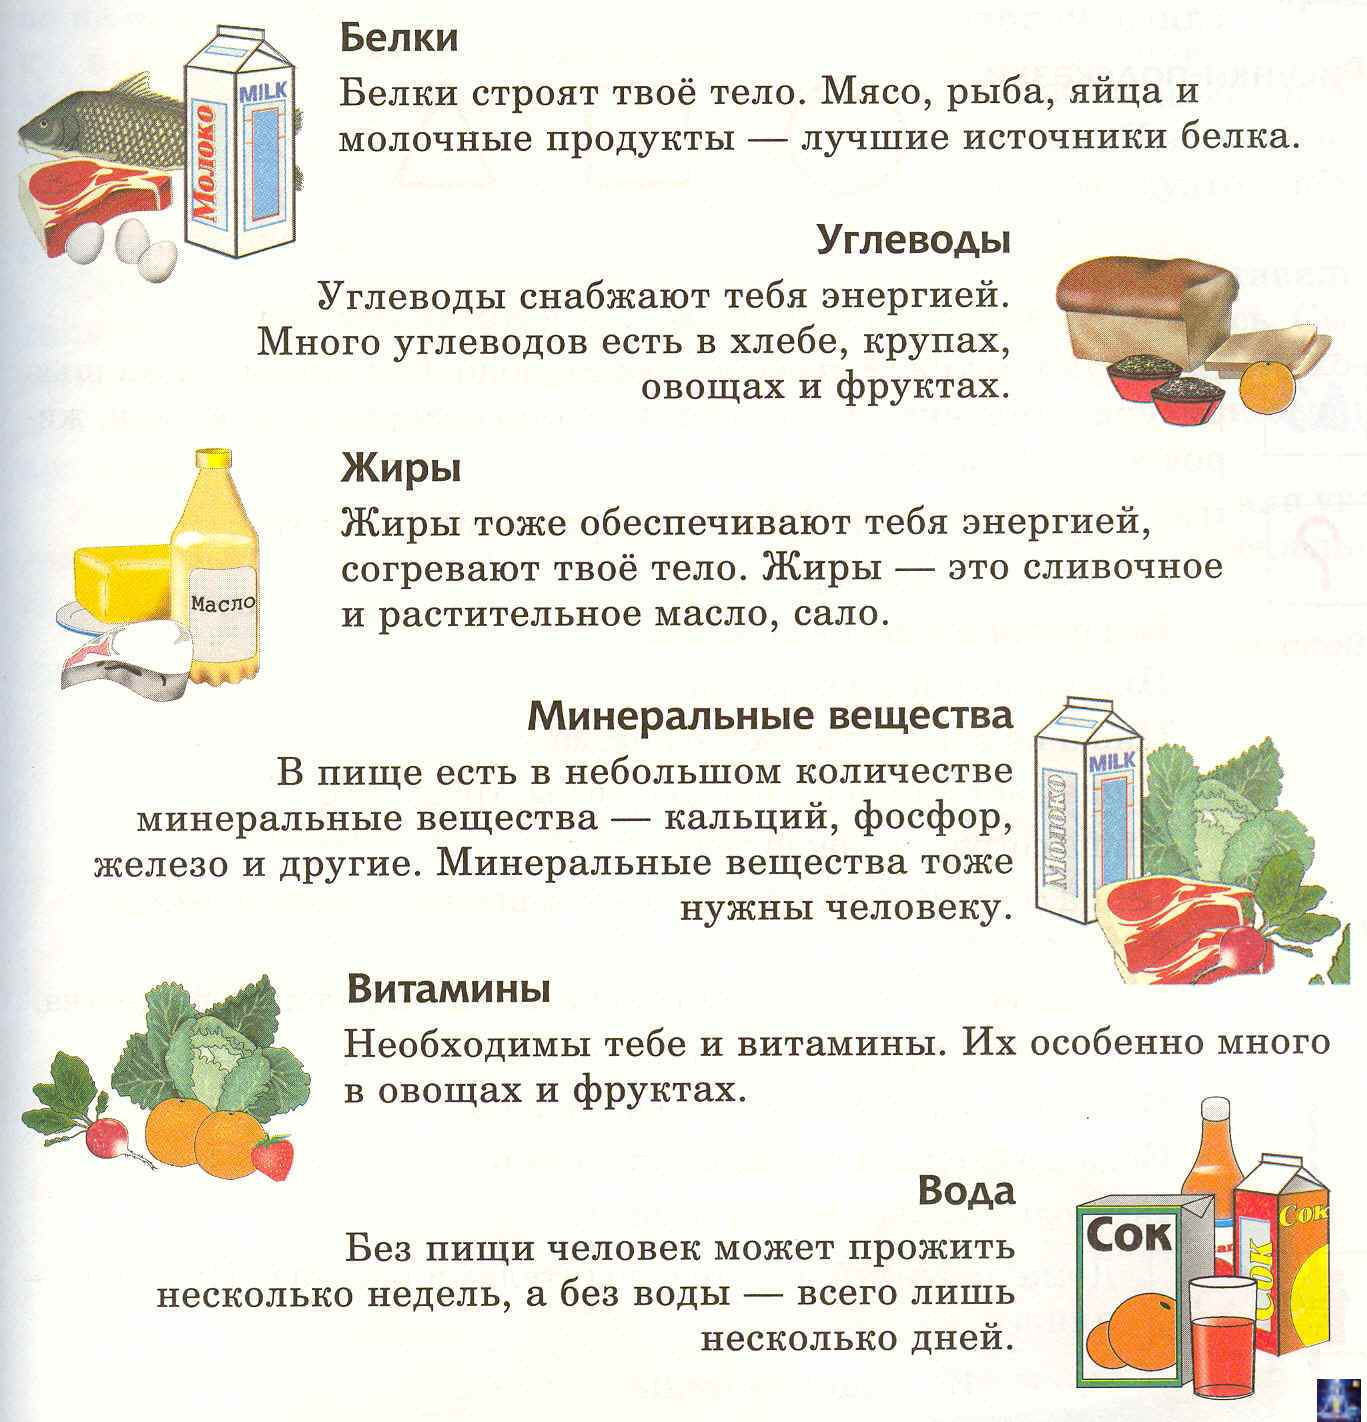 Рецепты для раздельного питания для похудения на неделю